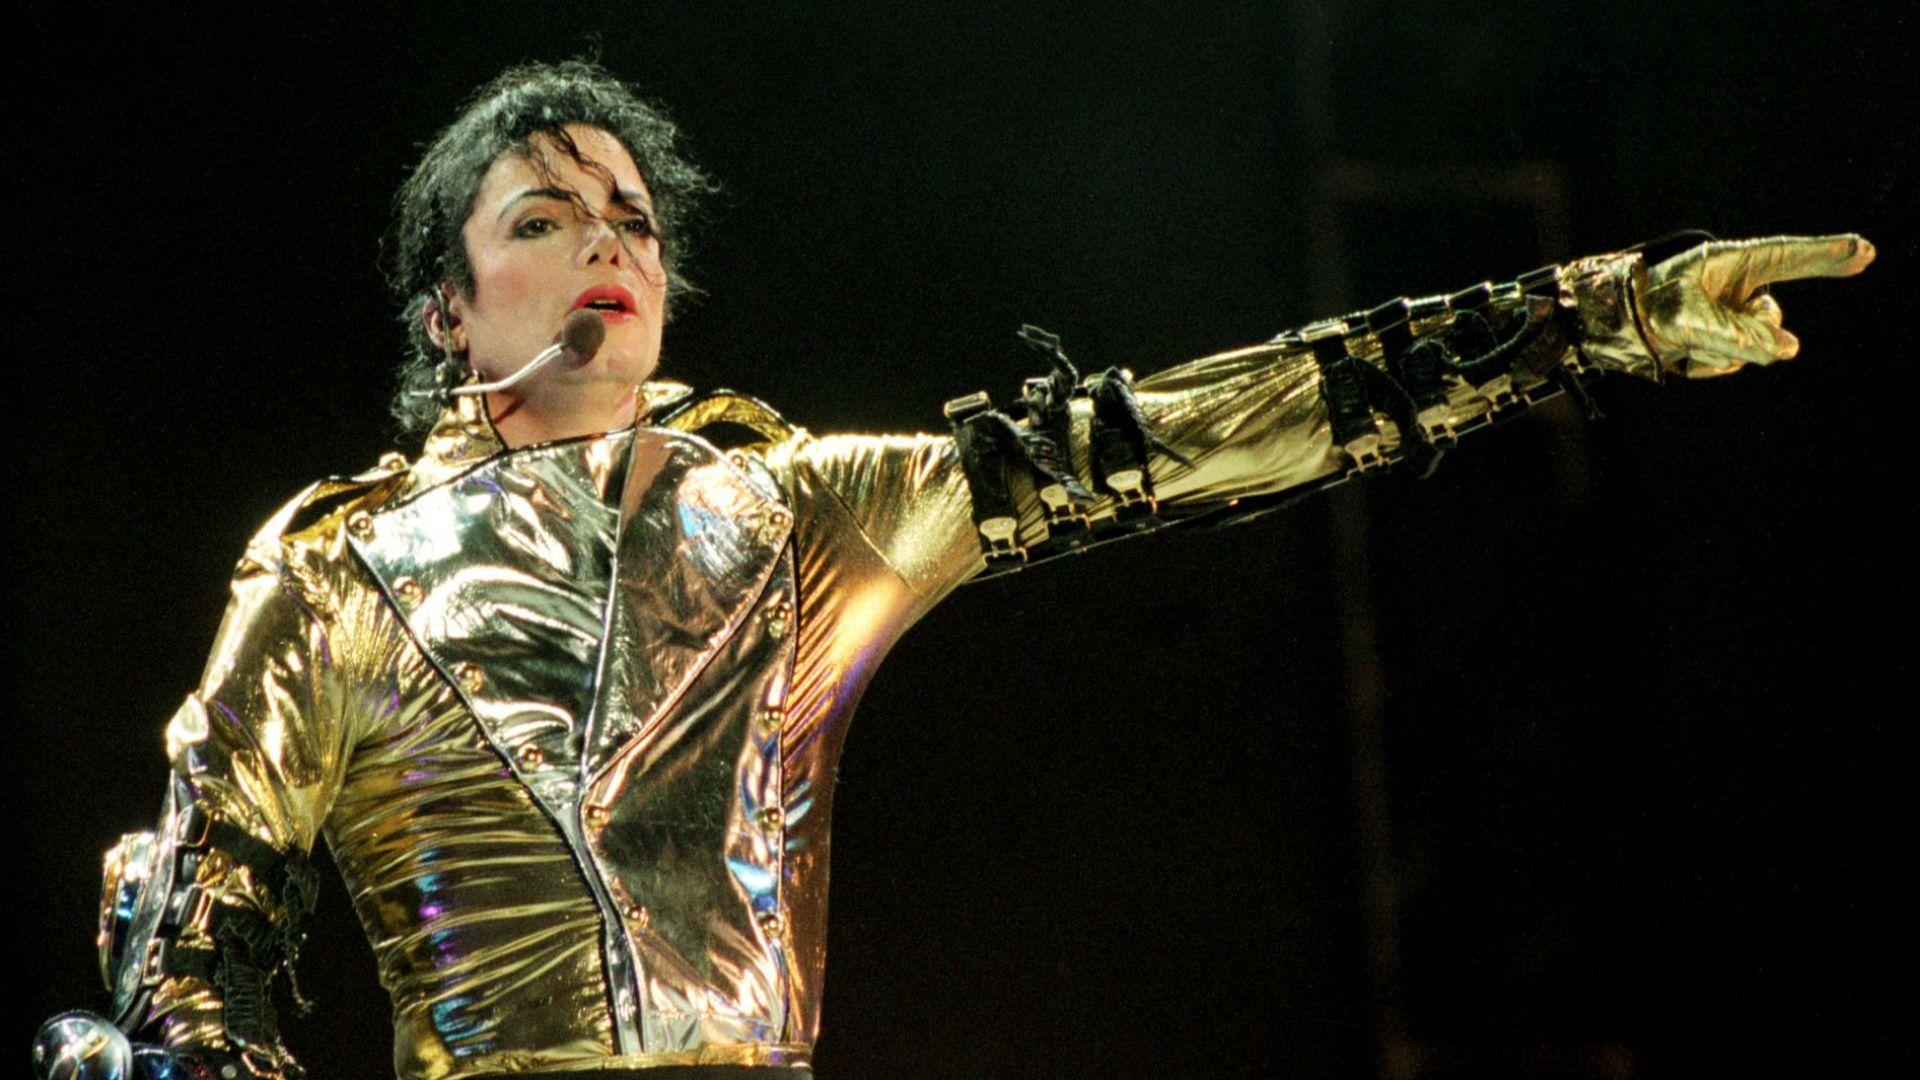 Майкъл промени света с музиката си